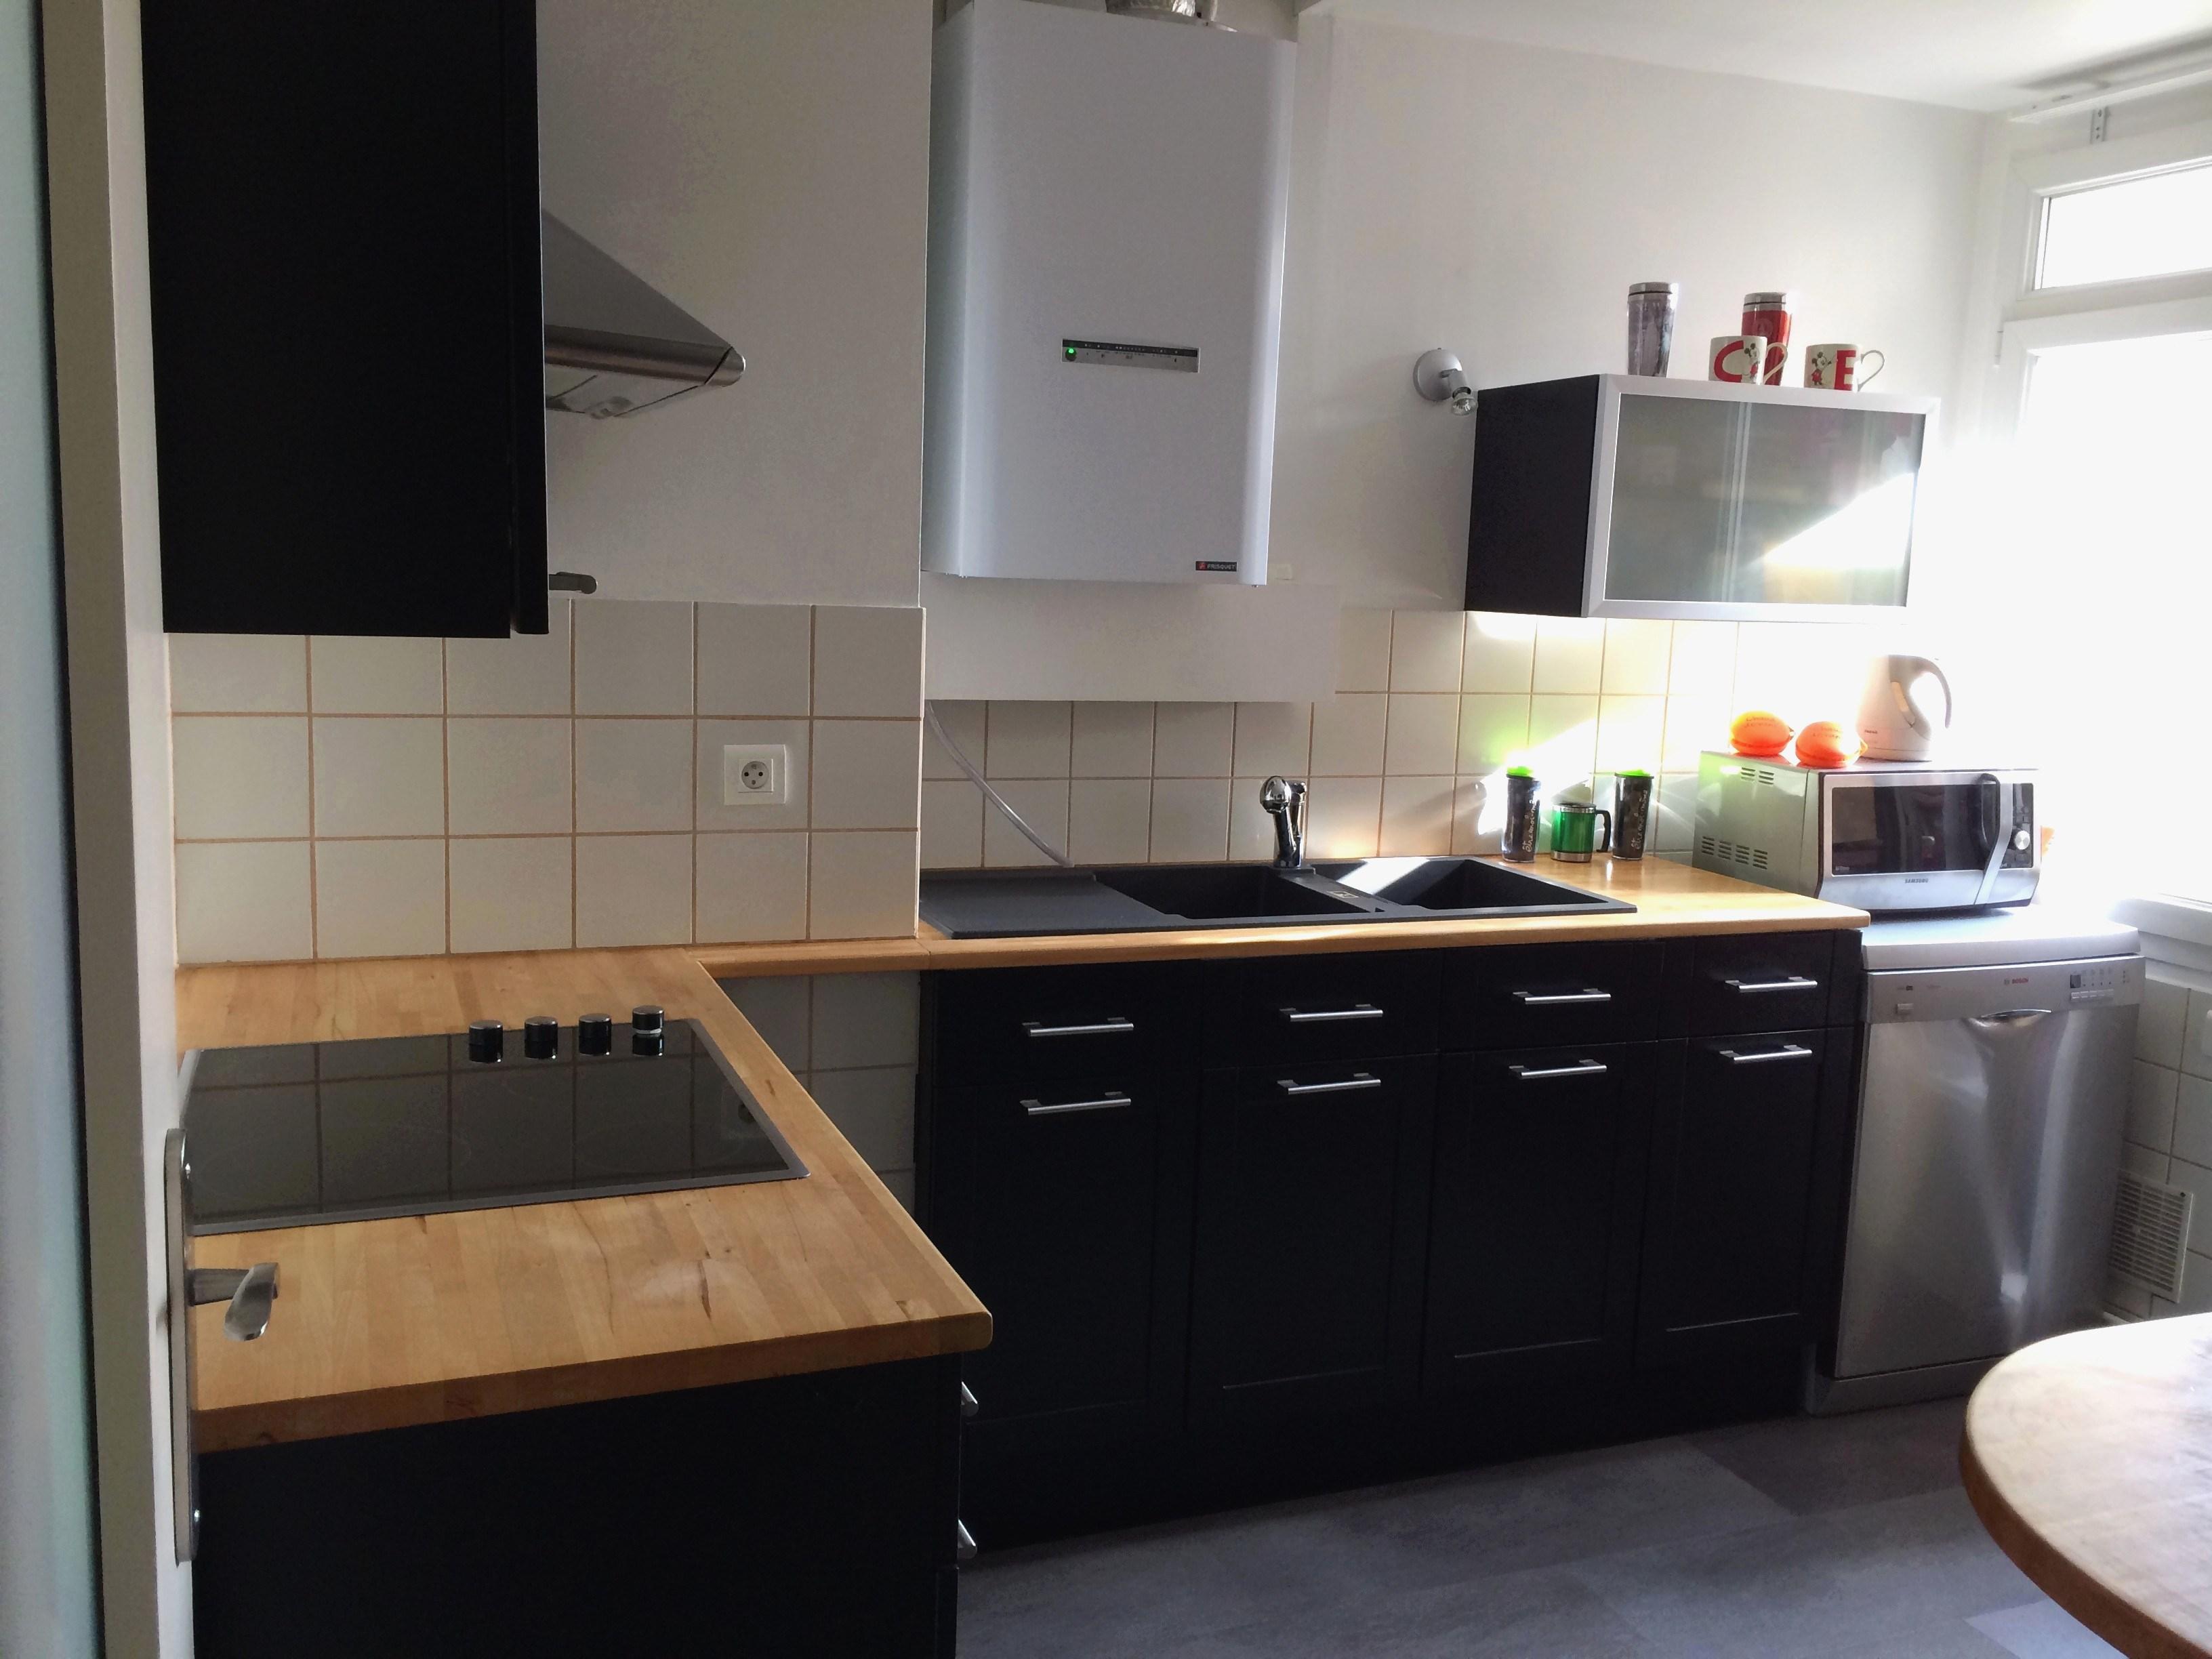 cuisine noire plan de travail bois clair - livraison-clenbuterol.fr